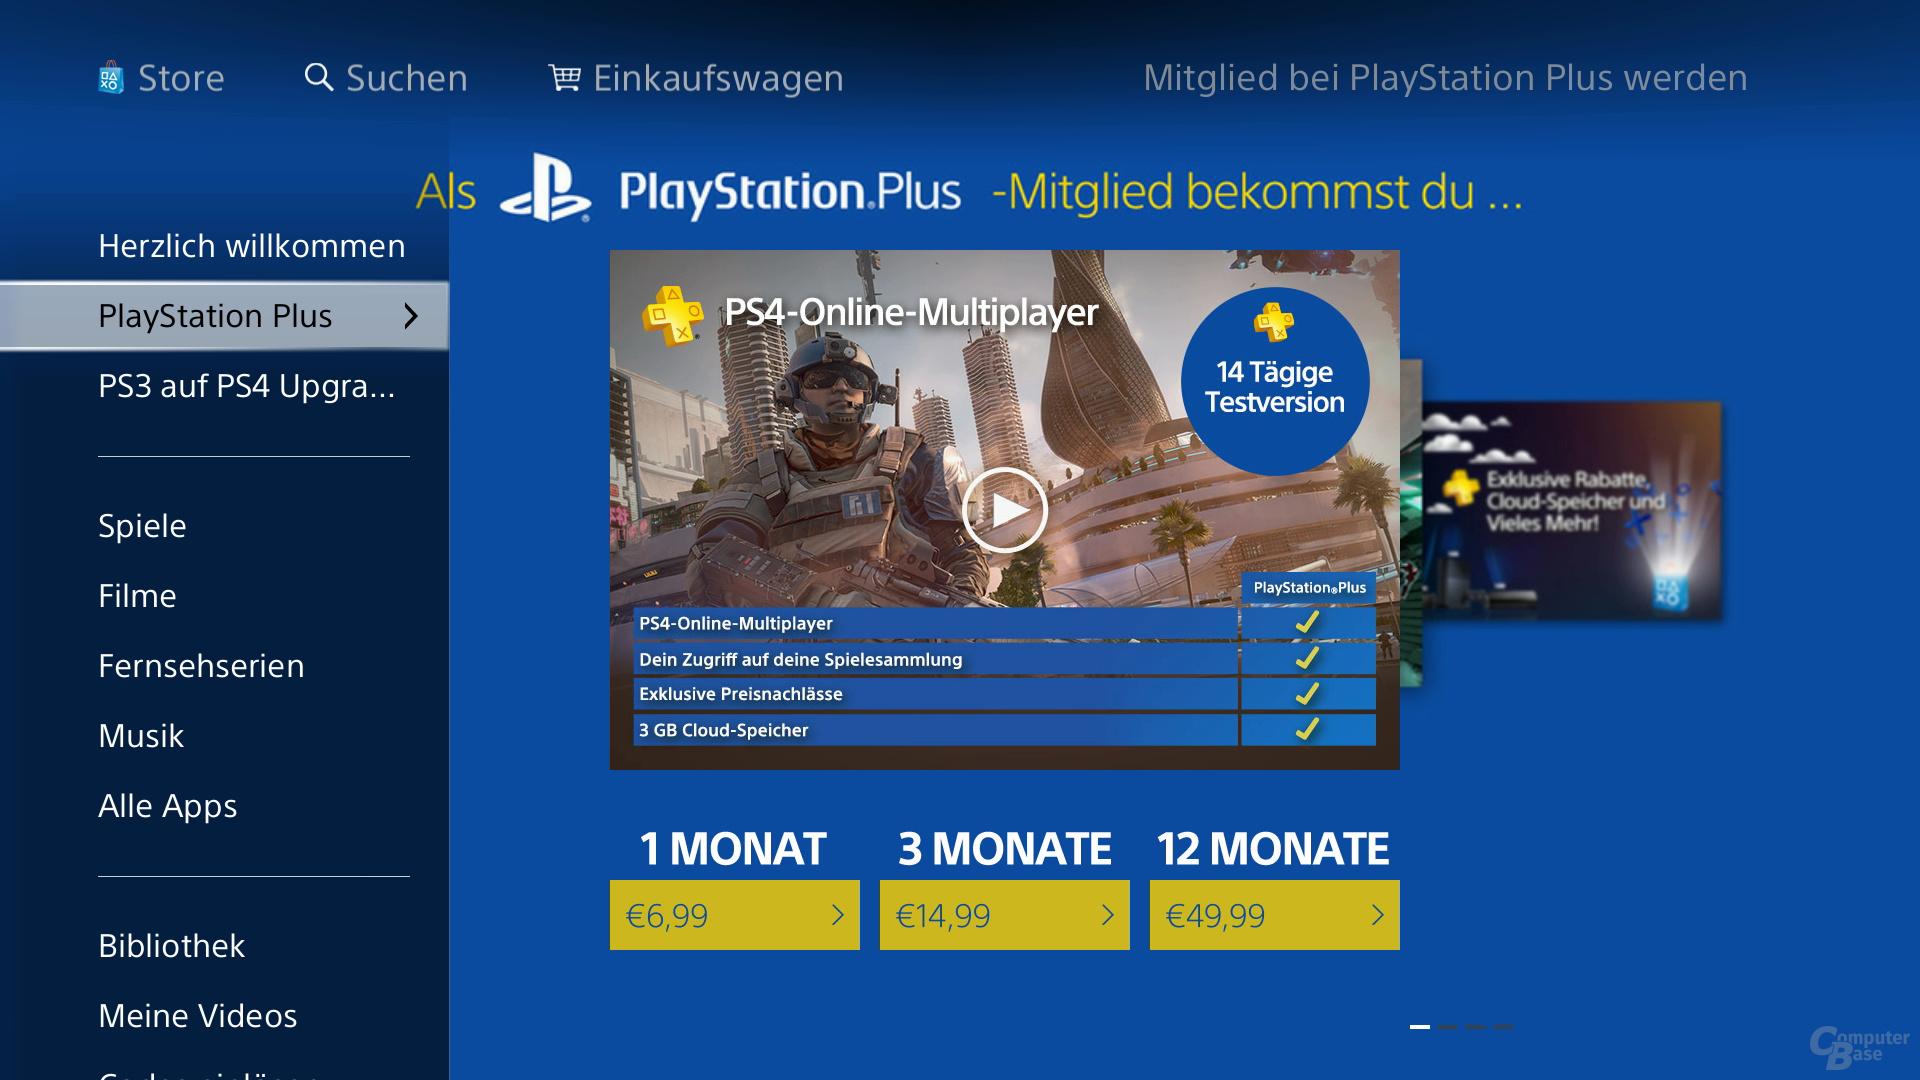 Benutzeroberfläche der PlayStation 4